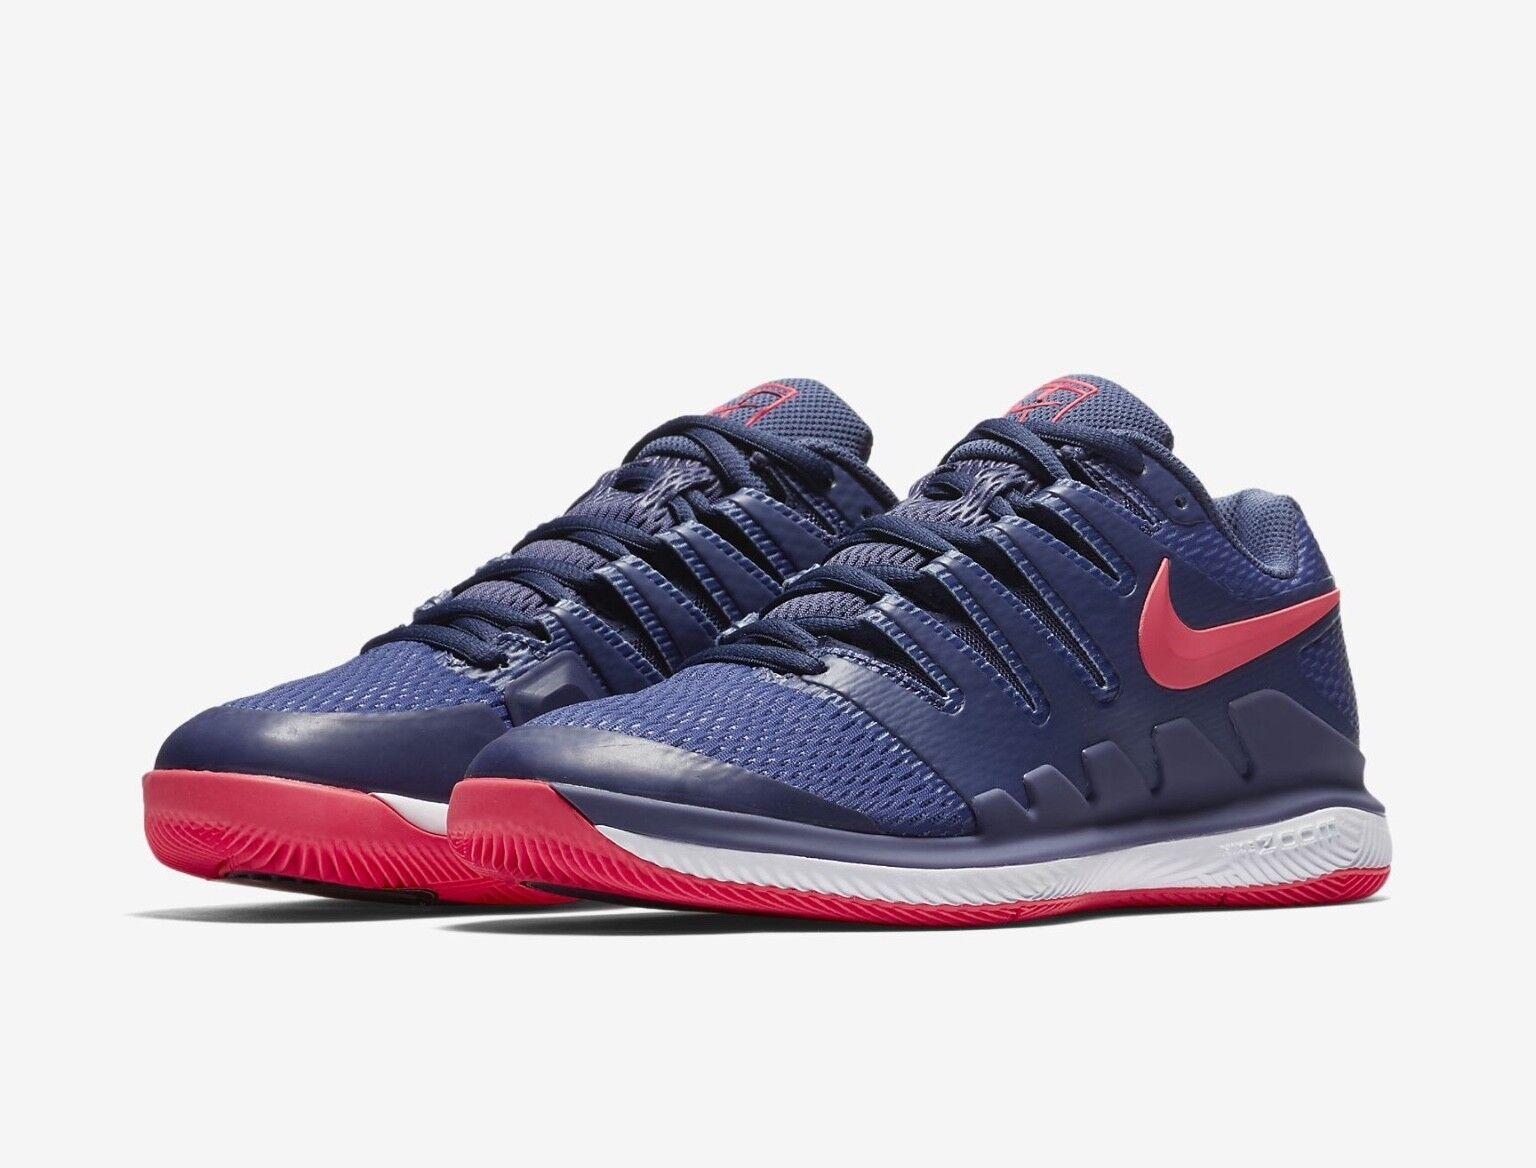 Nike AA8027-400 Air Zoom Vapor X HC Tennis AA8027-400 Nike BNIB no lid UK4.5/EU38/US7 9a2944